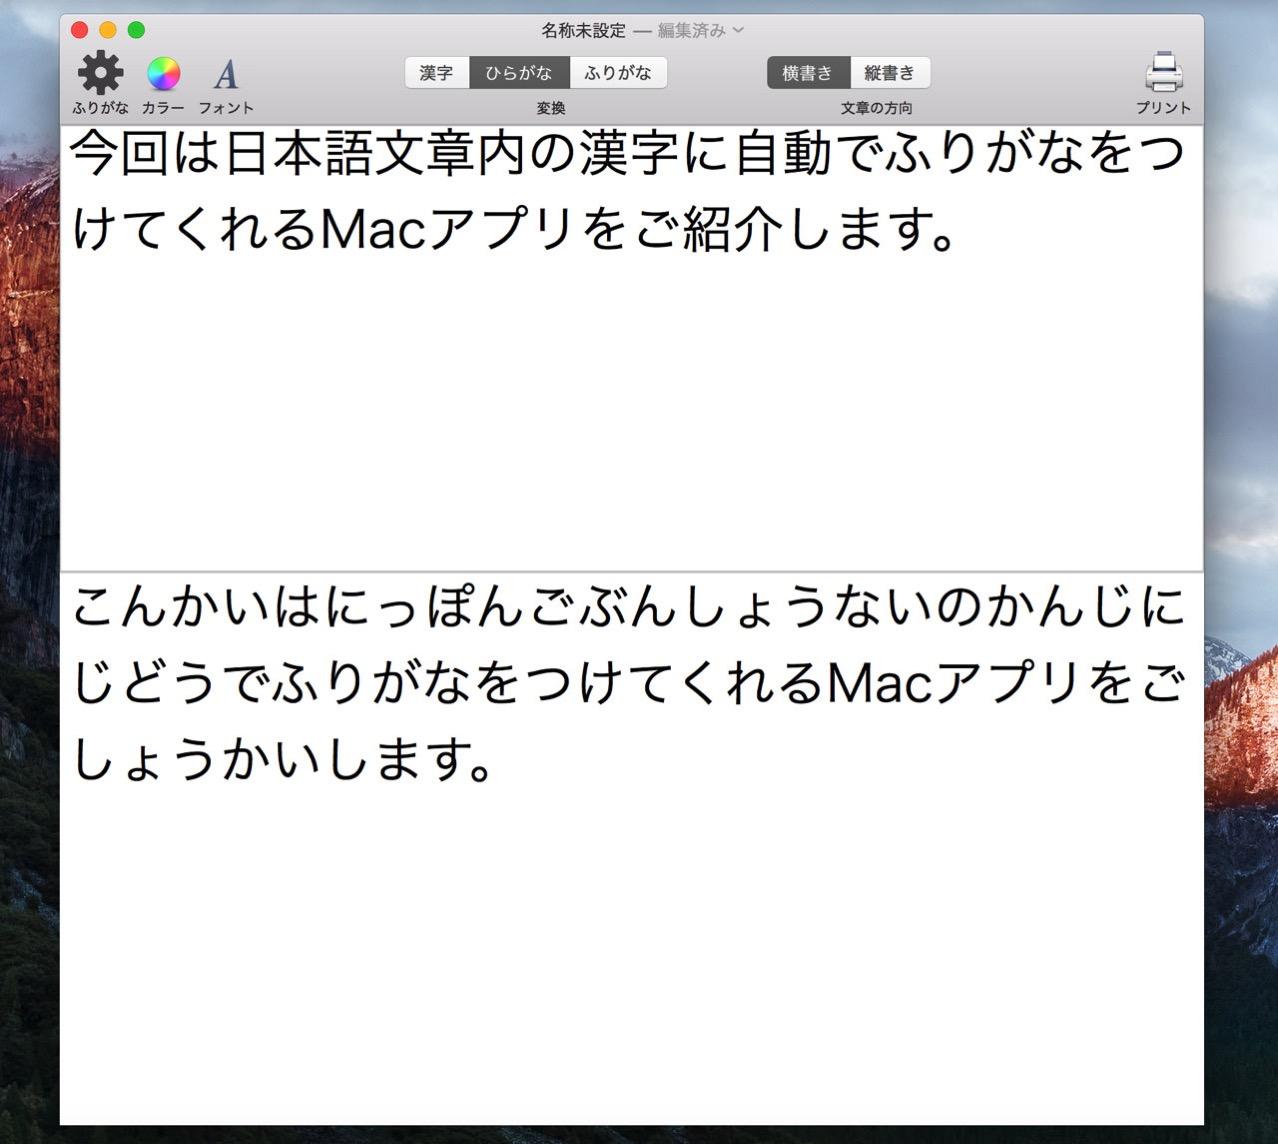 Simple furigana4